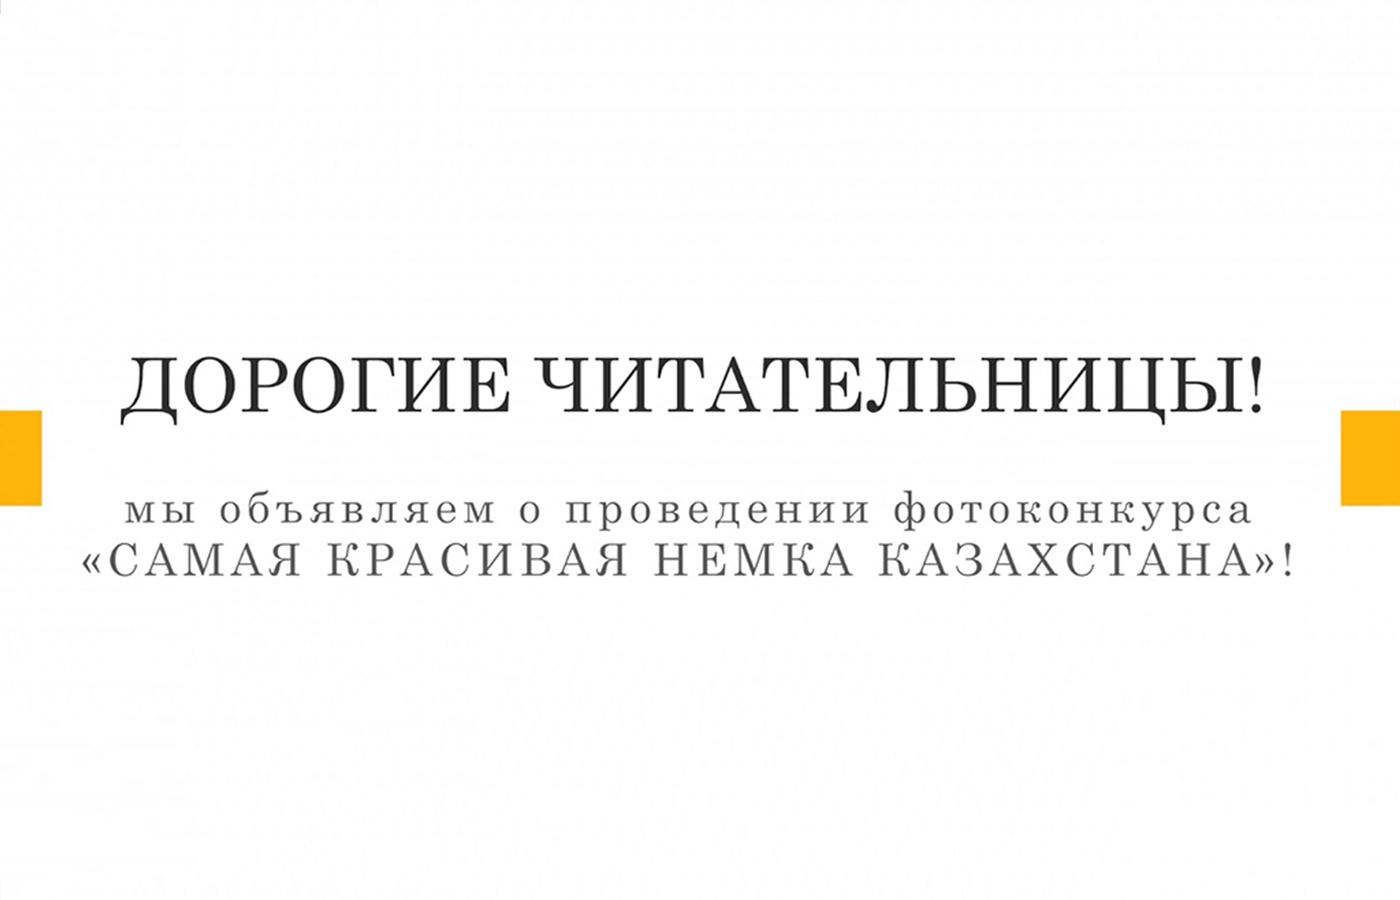 ВИДЕО: Фотоконкурс «Самая красивая немка Казахстана»!